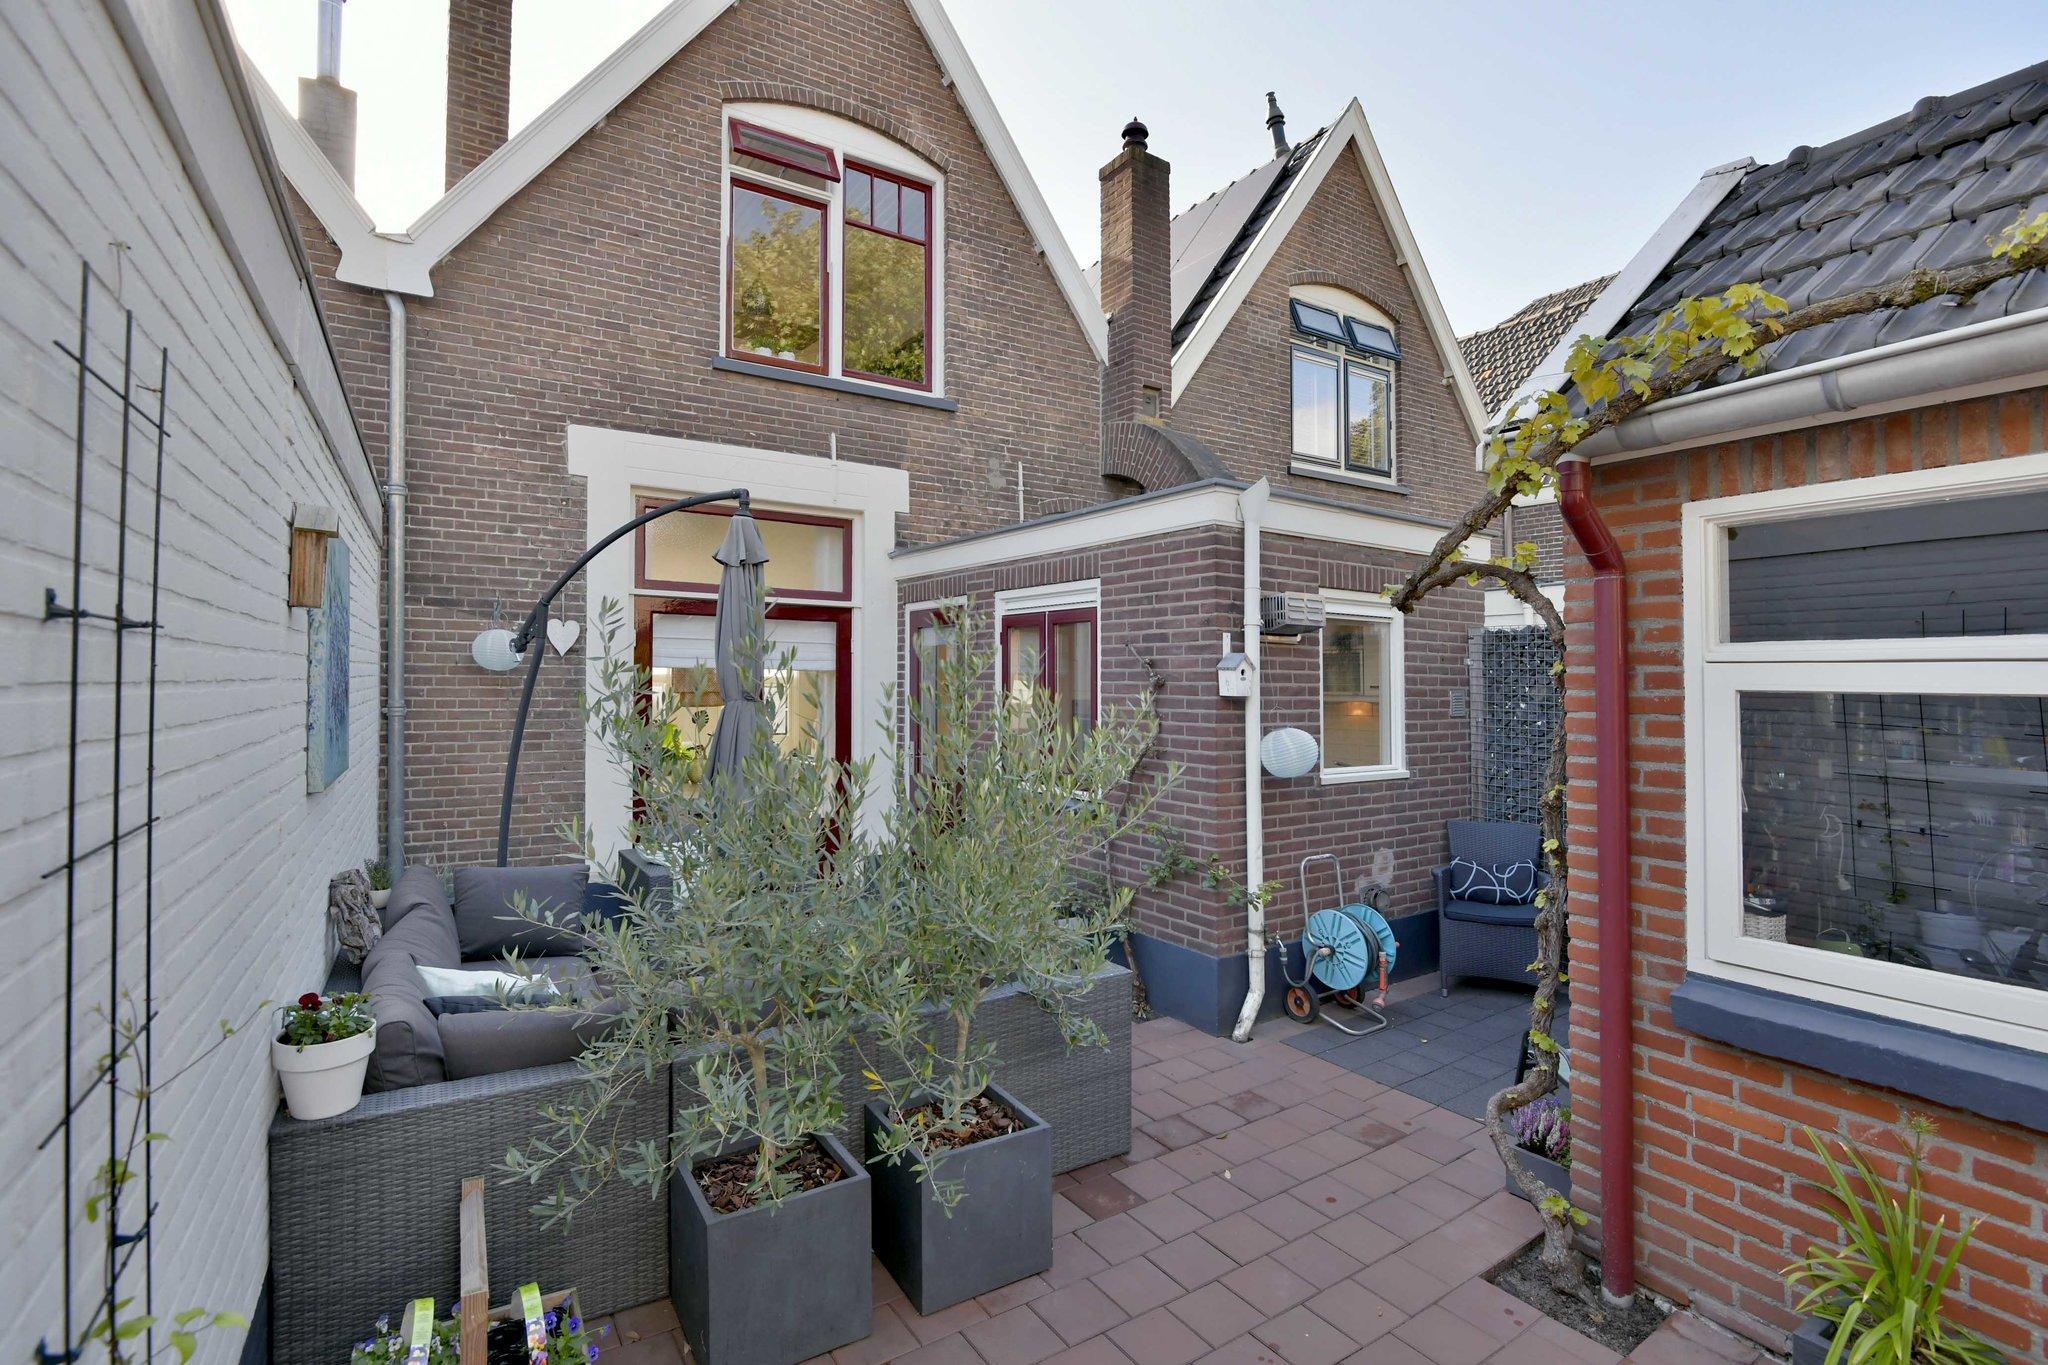 deventer-2e-kruisstraat-4217132-foto-20.jpg